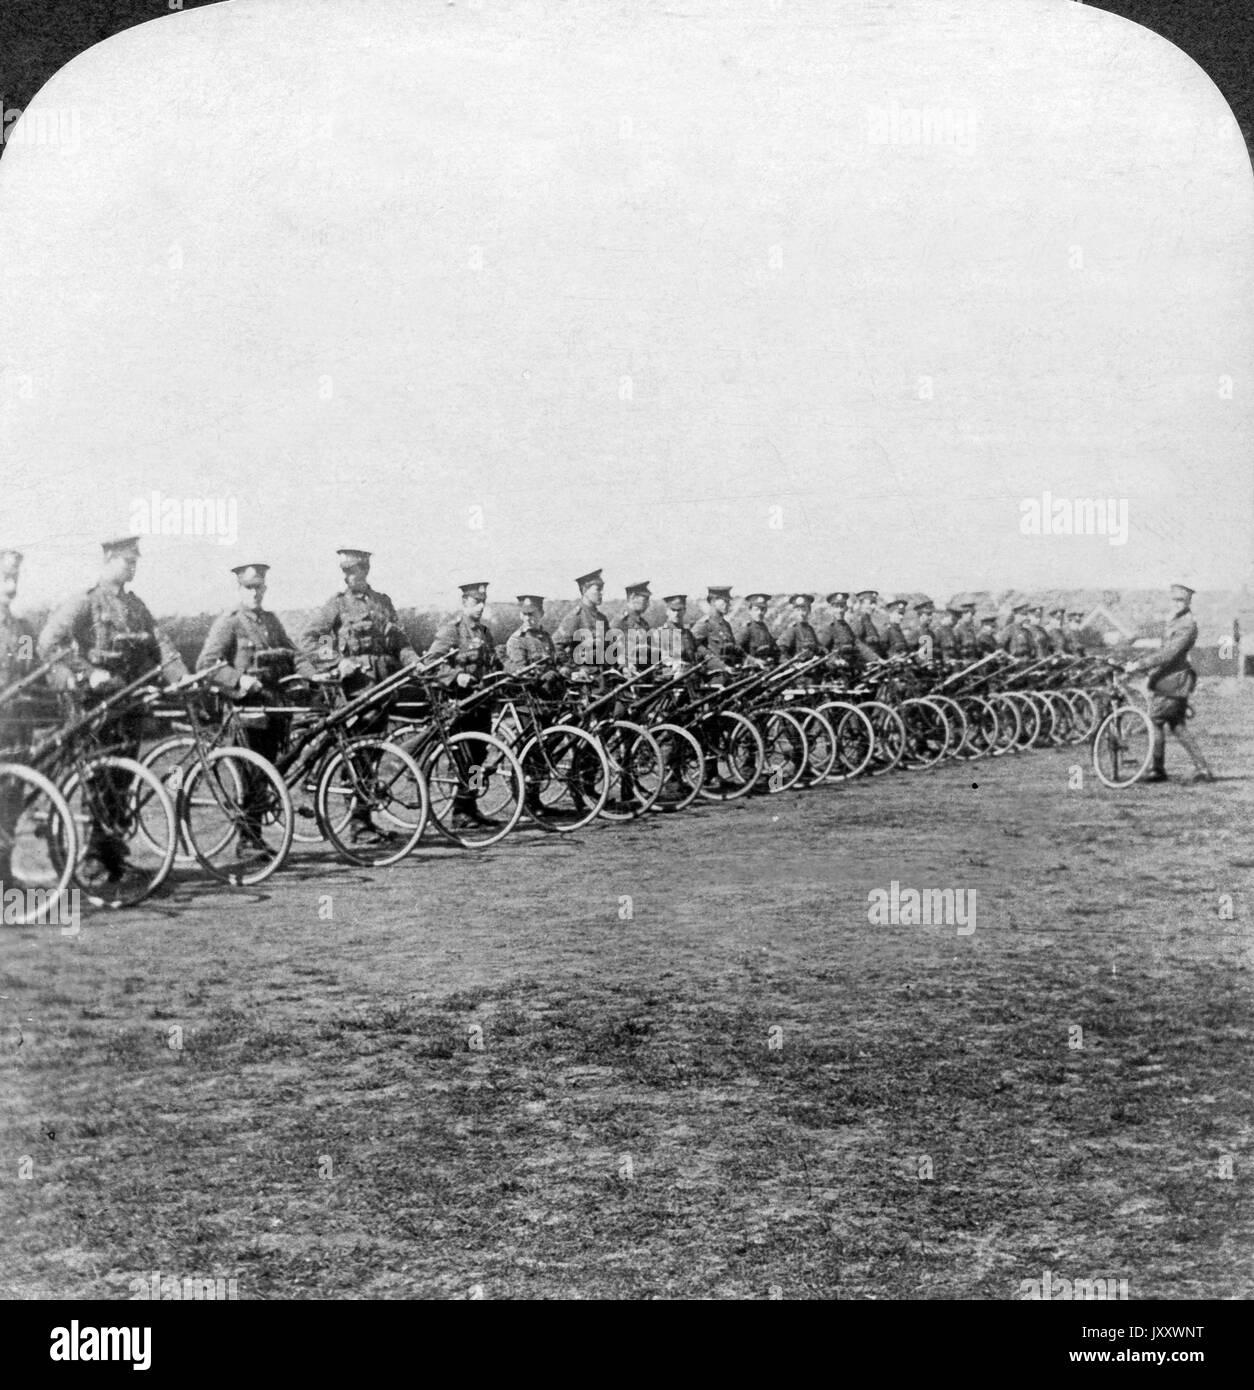 britisches fahrradkorps, fertig ausgerüstet, bereit zum start